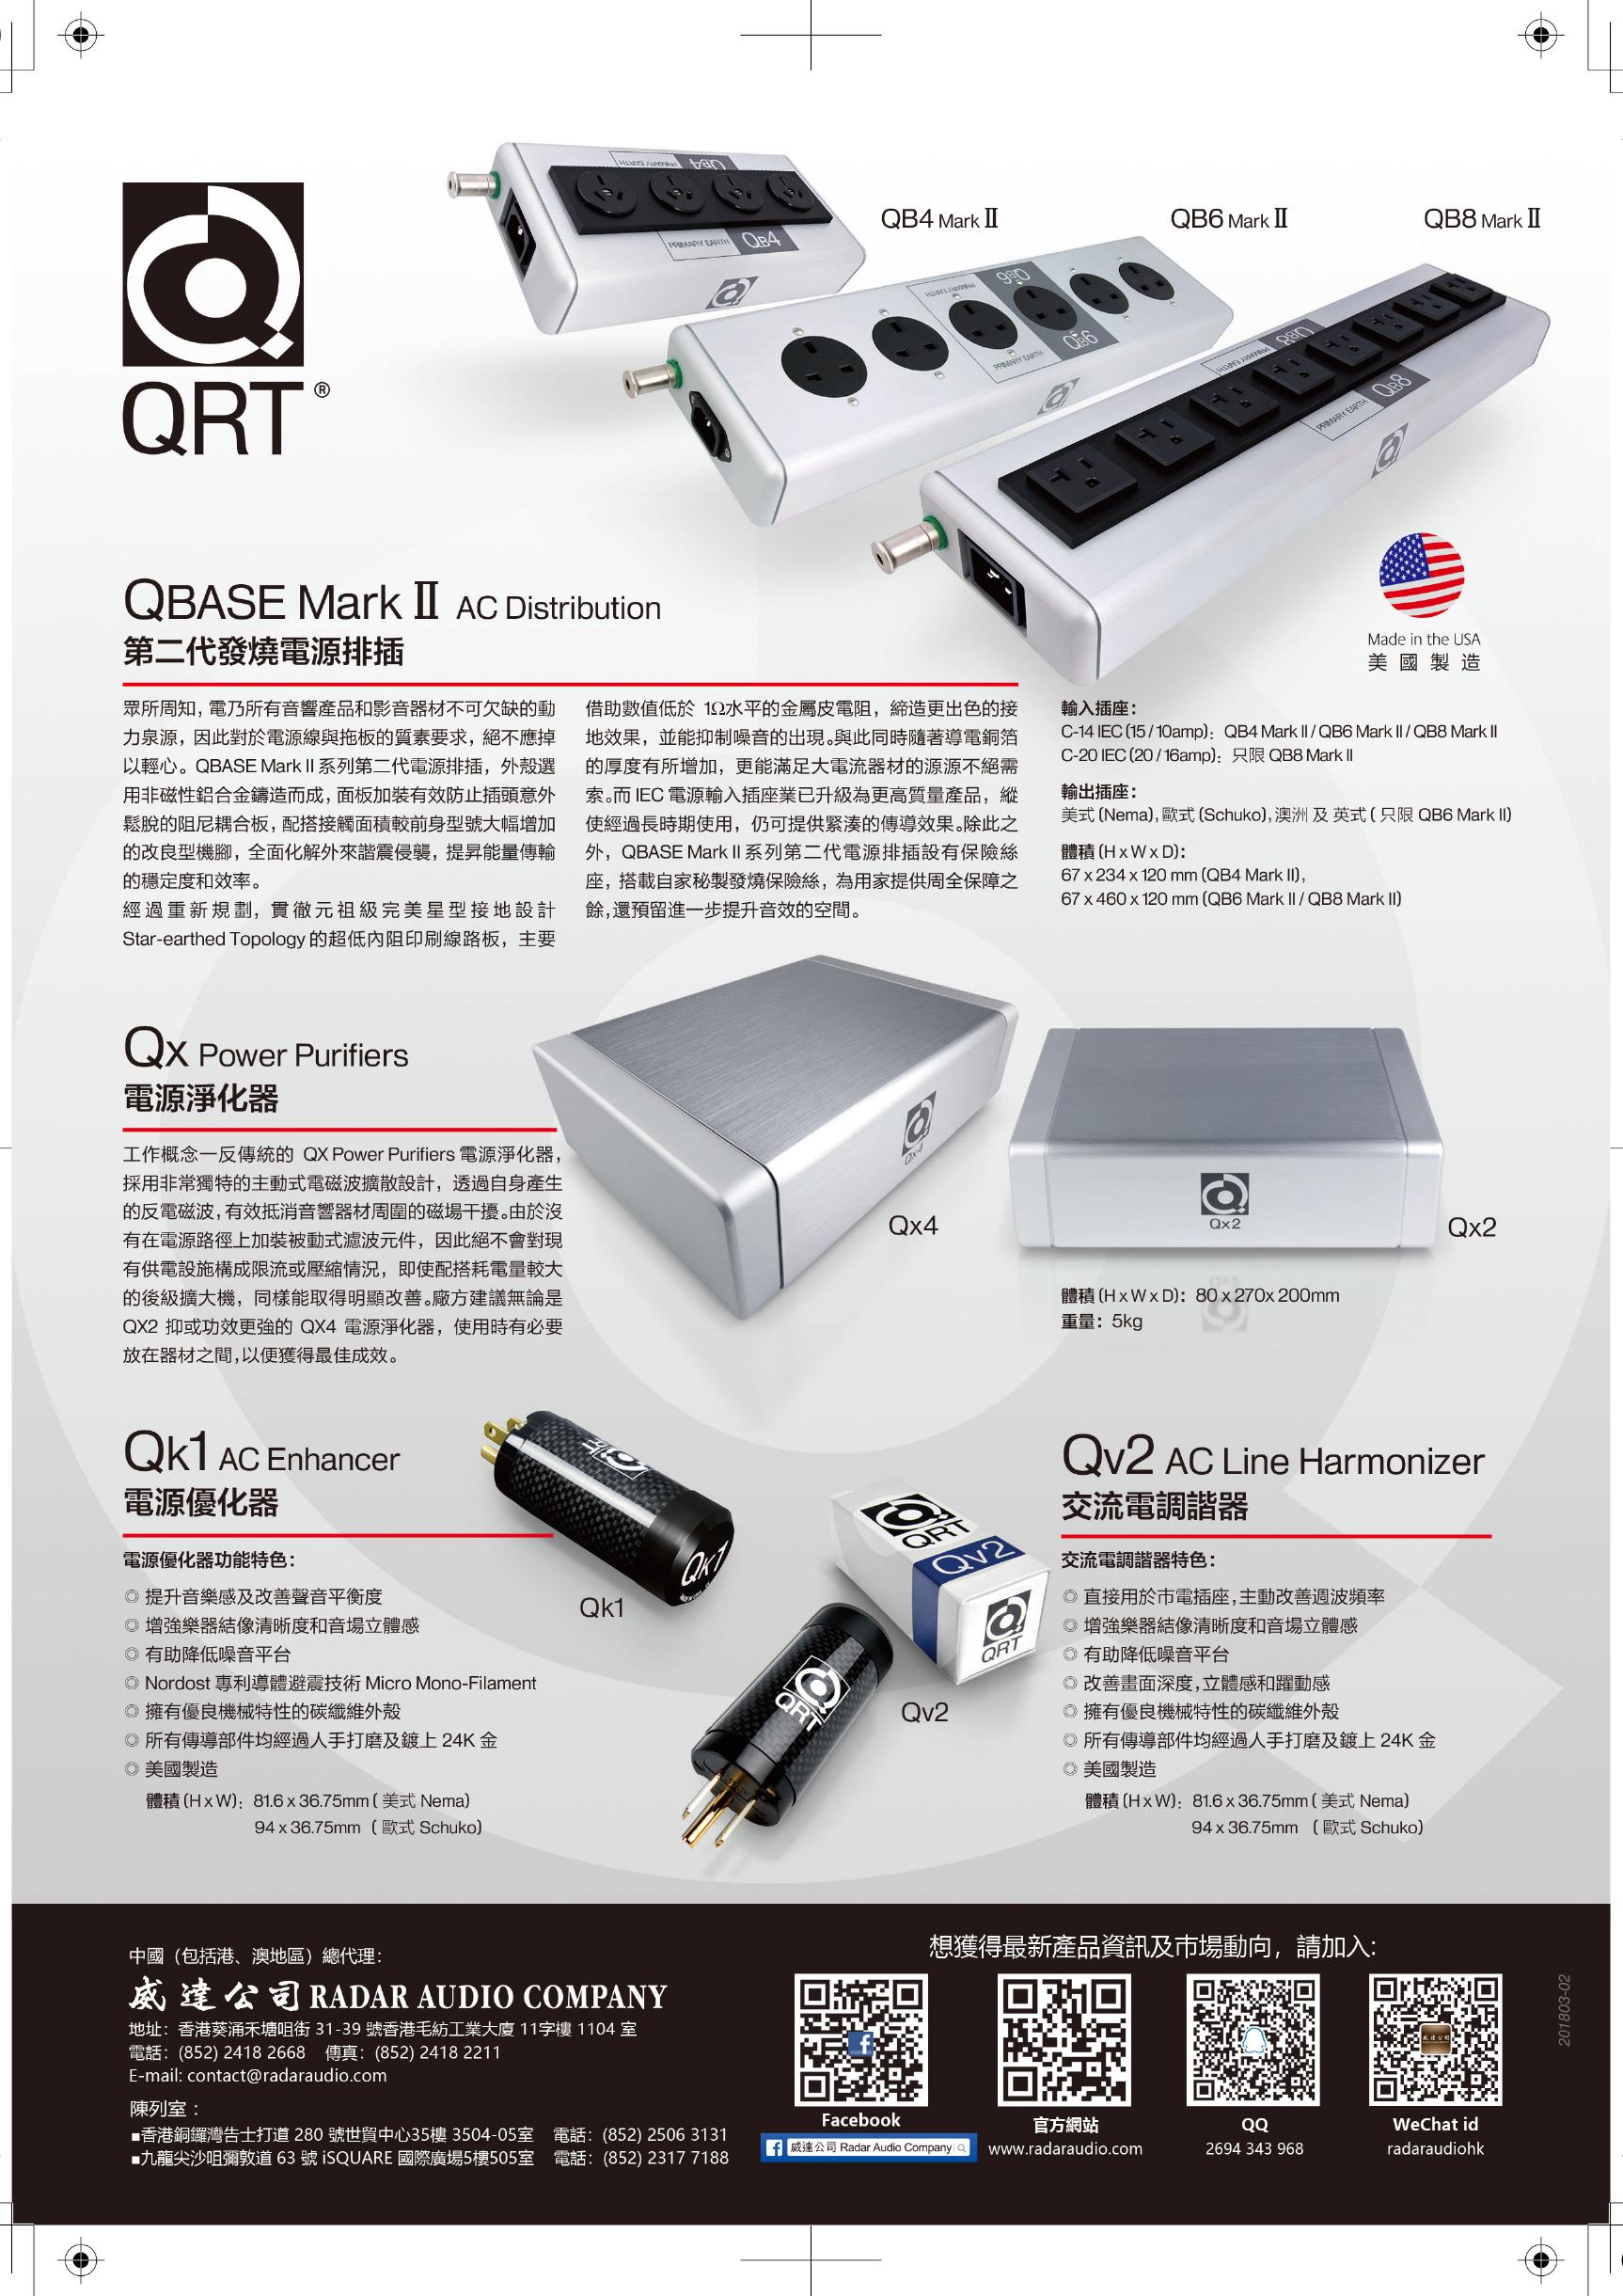 QRT_201803_02a-2 copy